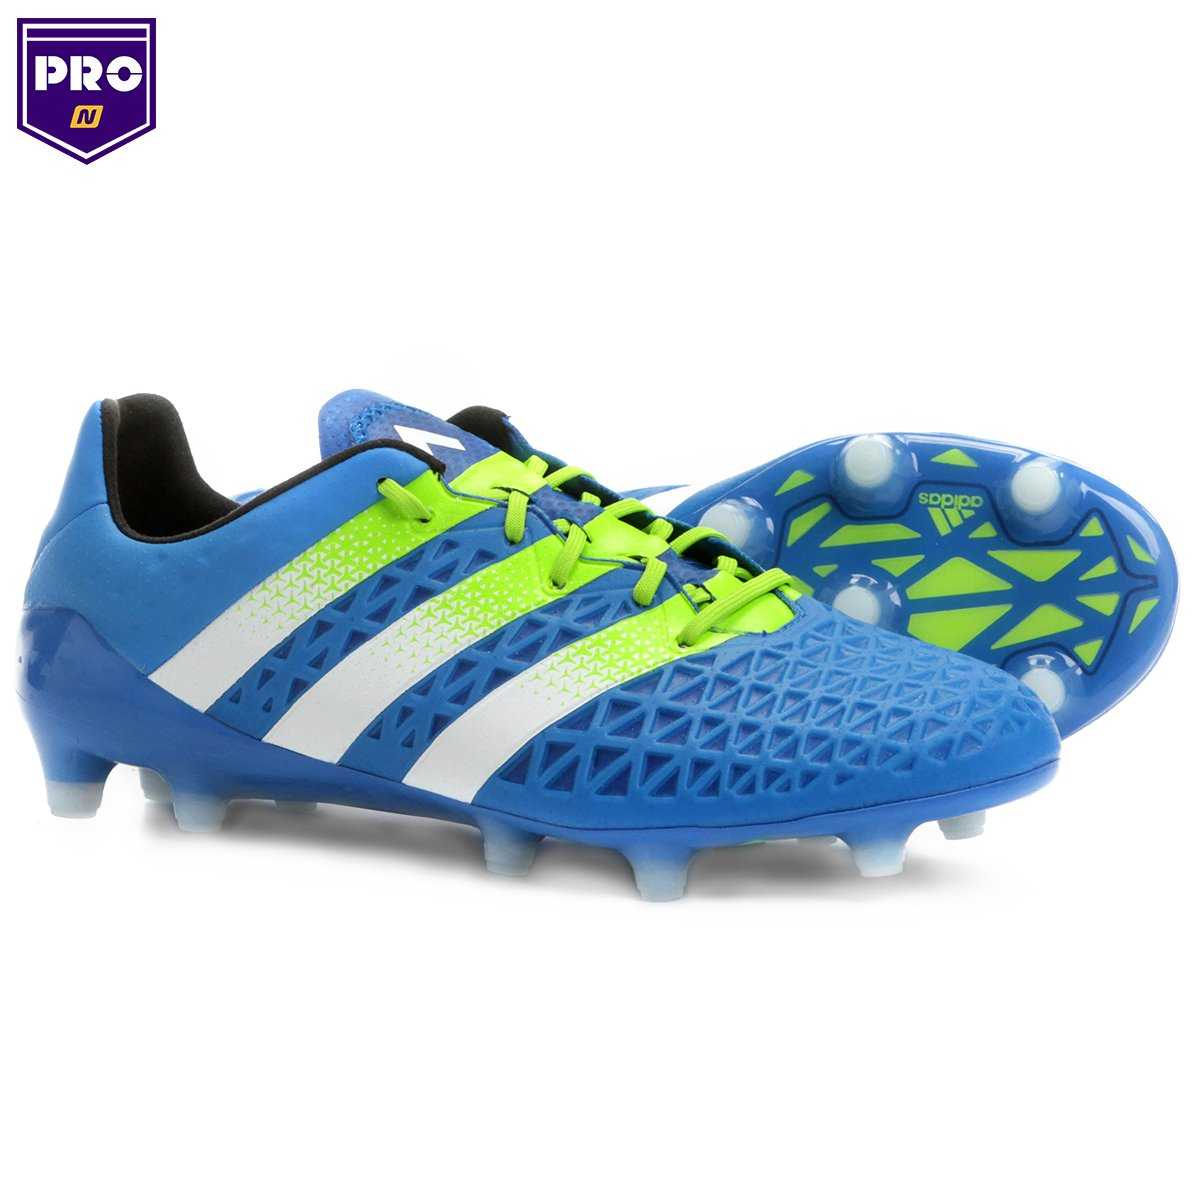 fe1d61a2acfb2 Chuteira Adidas Ace 16.1 FG - Campo - Compre Agora